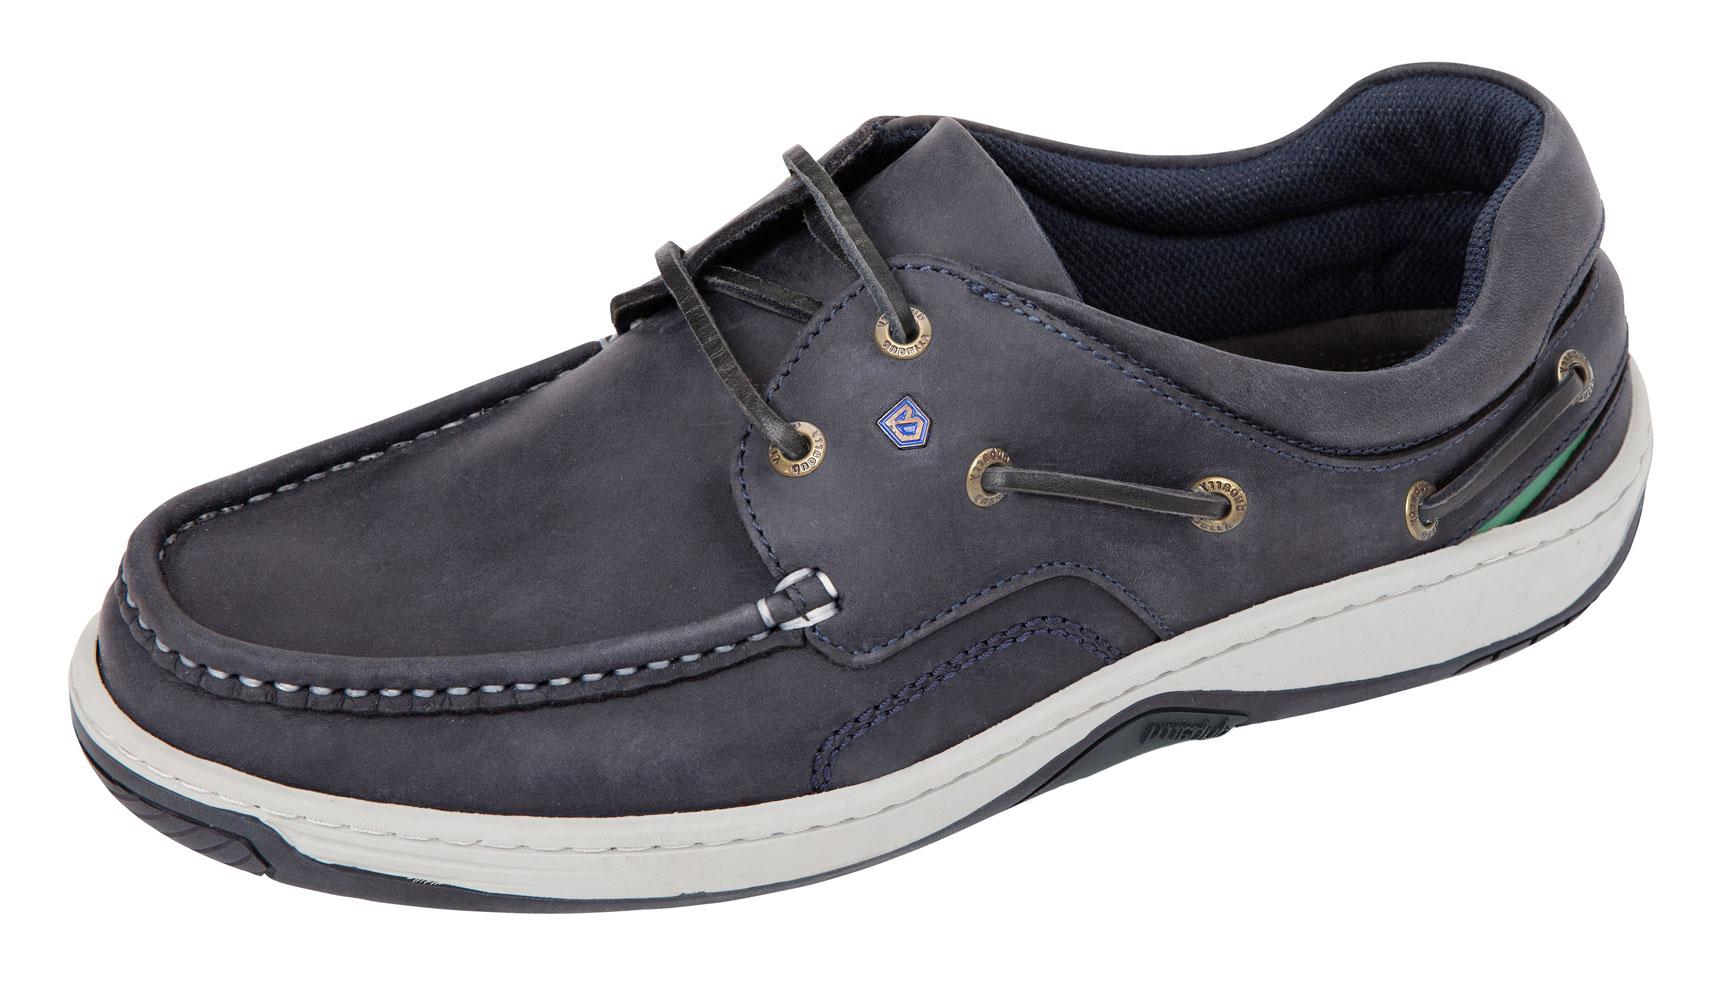 2b0773c831bf3f Bootsschuhe   Segelschuhe für Herren online kaufen